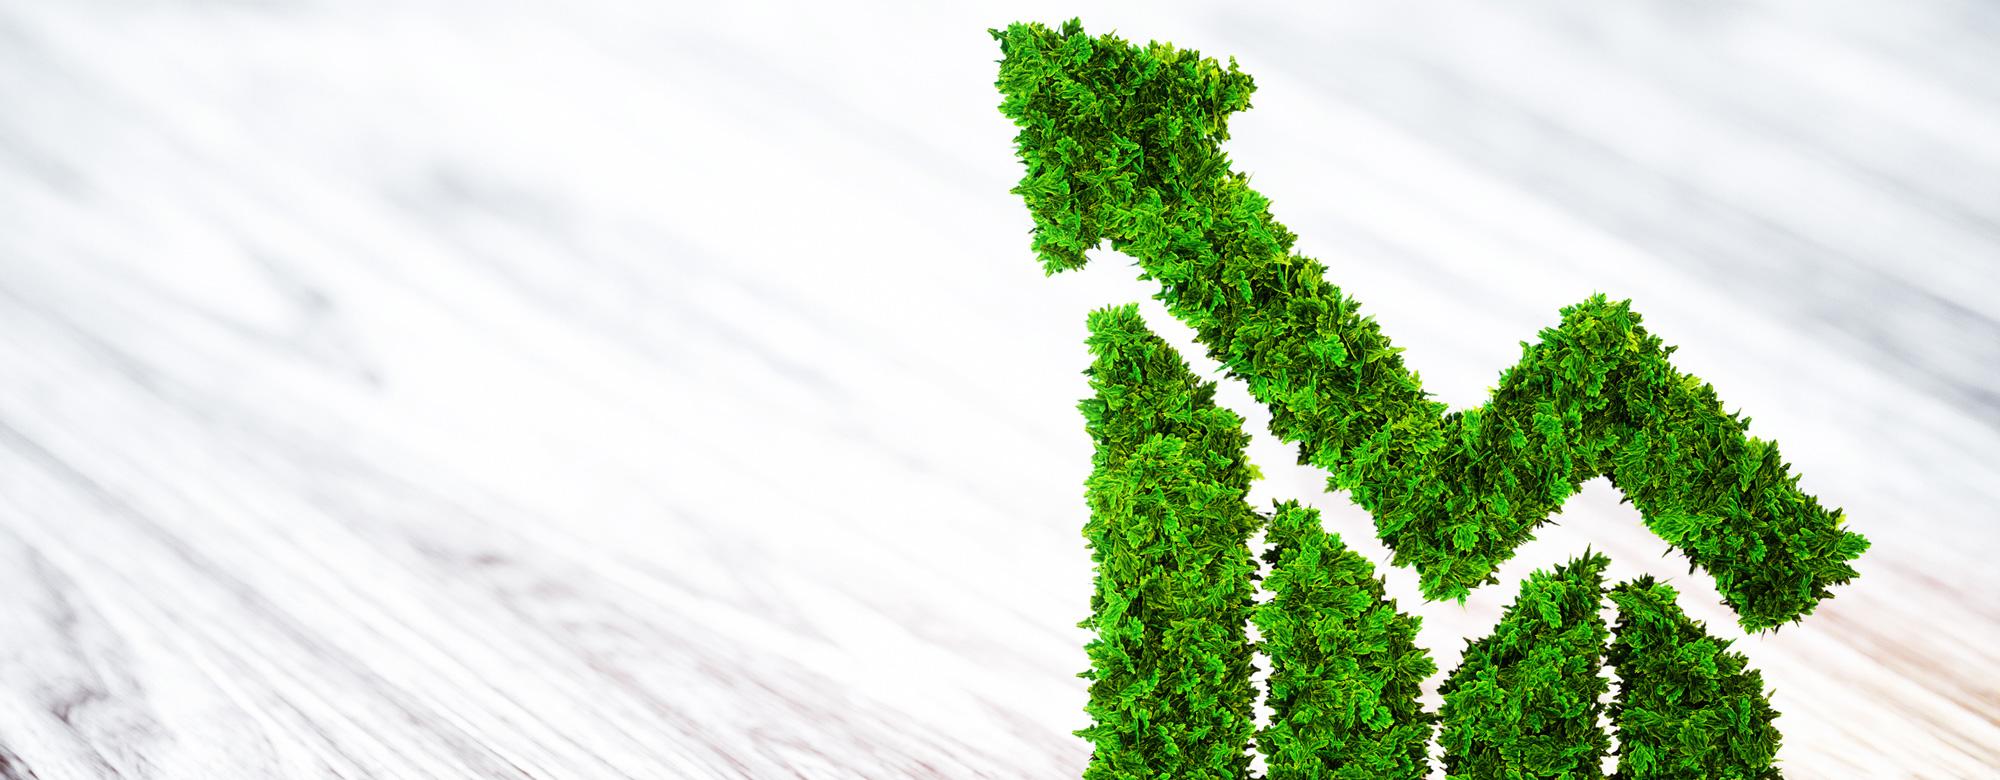 Life 2019: contributi europei a sostegno di progetti innovativi con positivo impatto ambientale